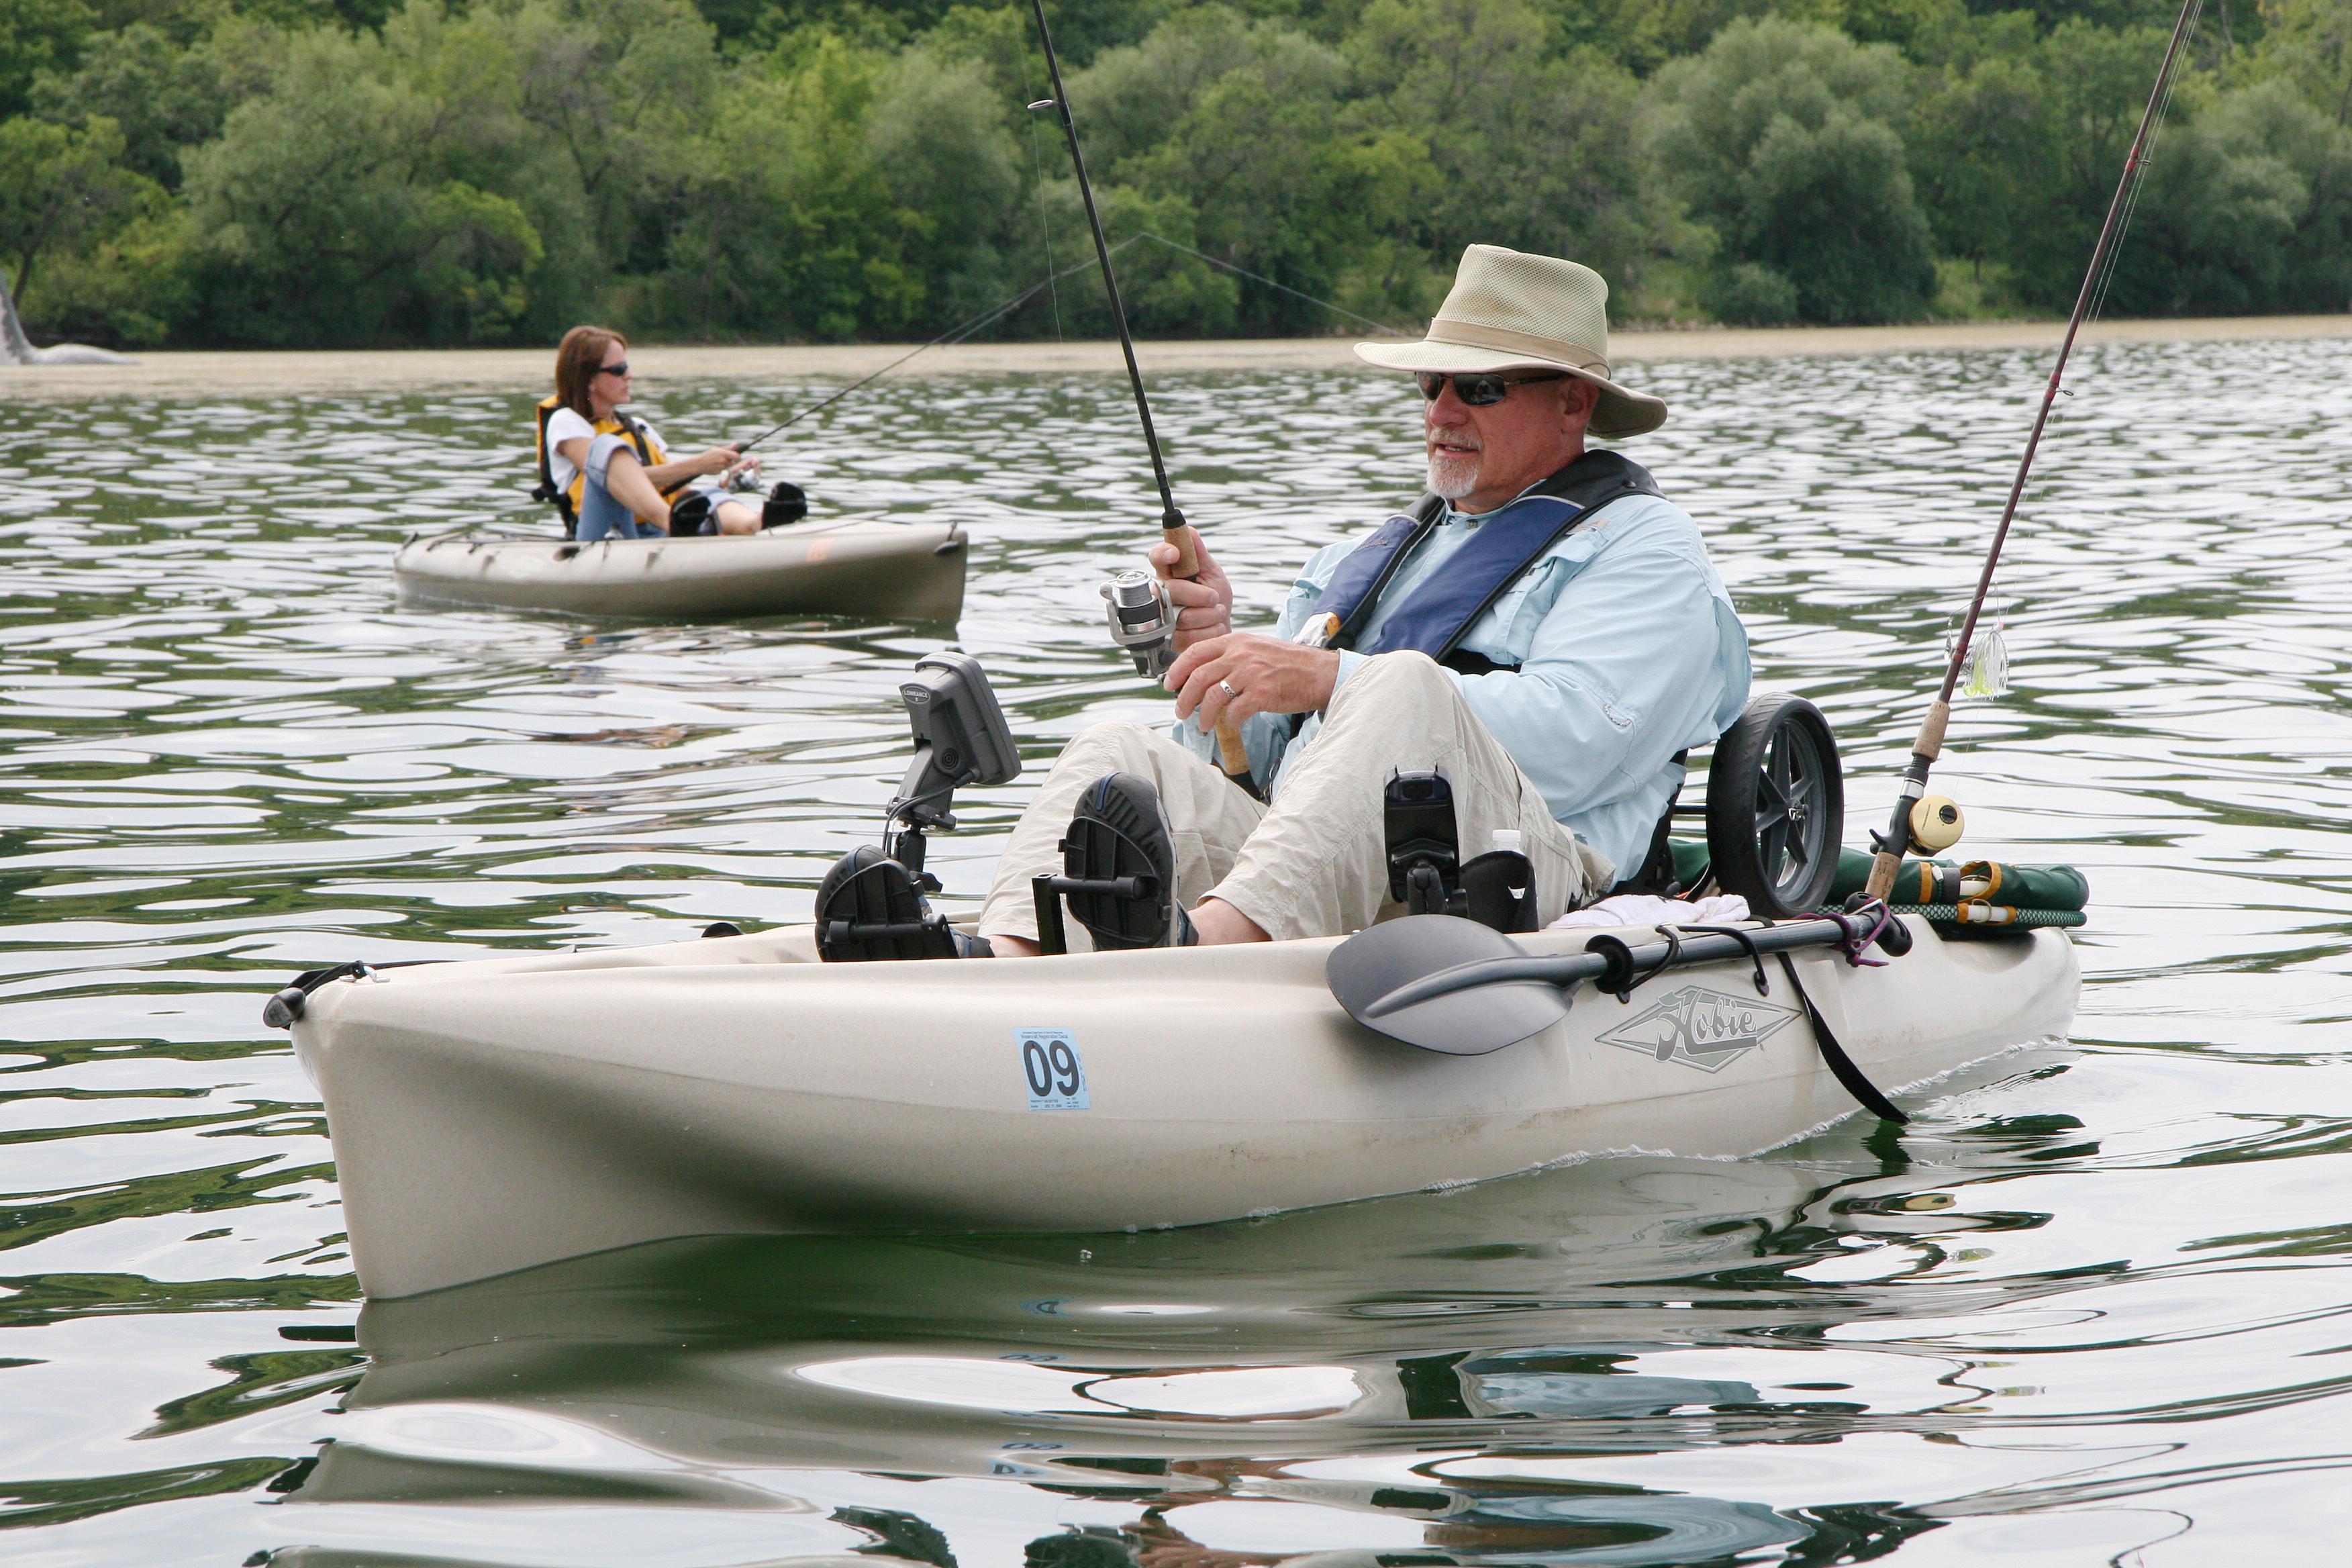 tim_lesmeister_hobie_outback_fish_kayak.jpg